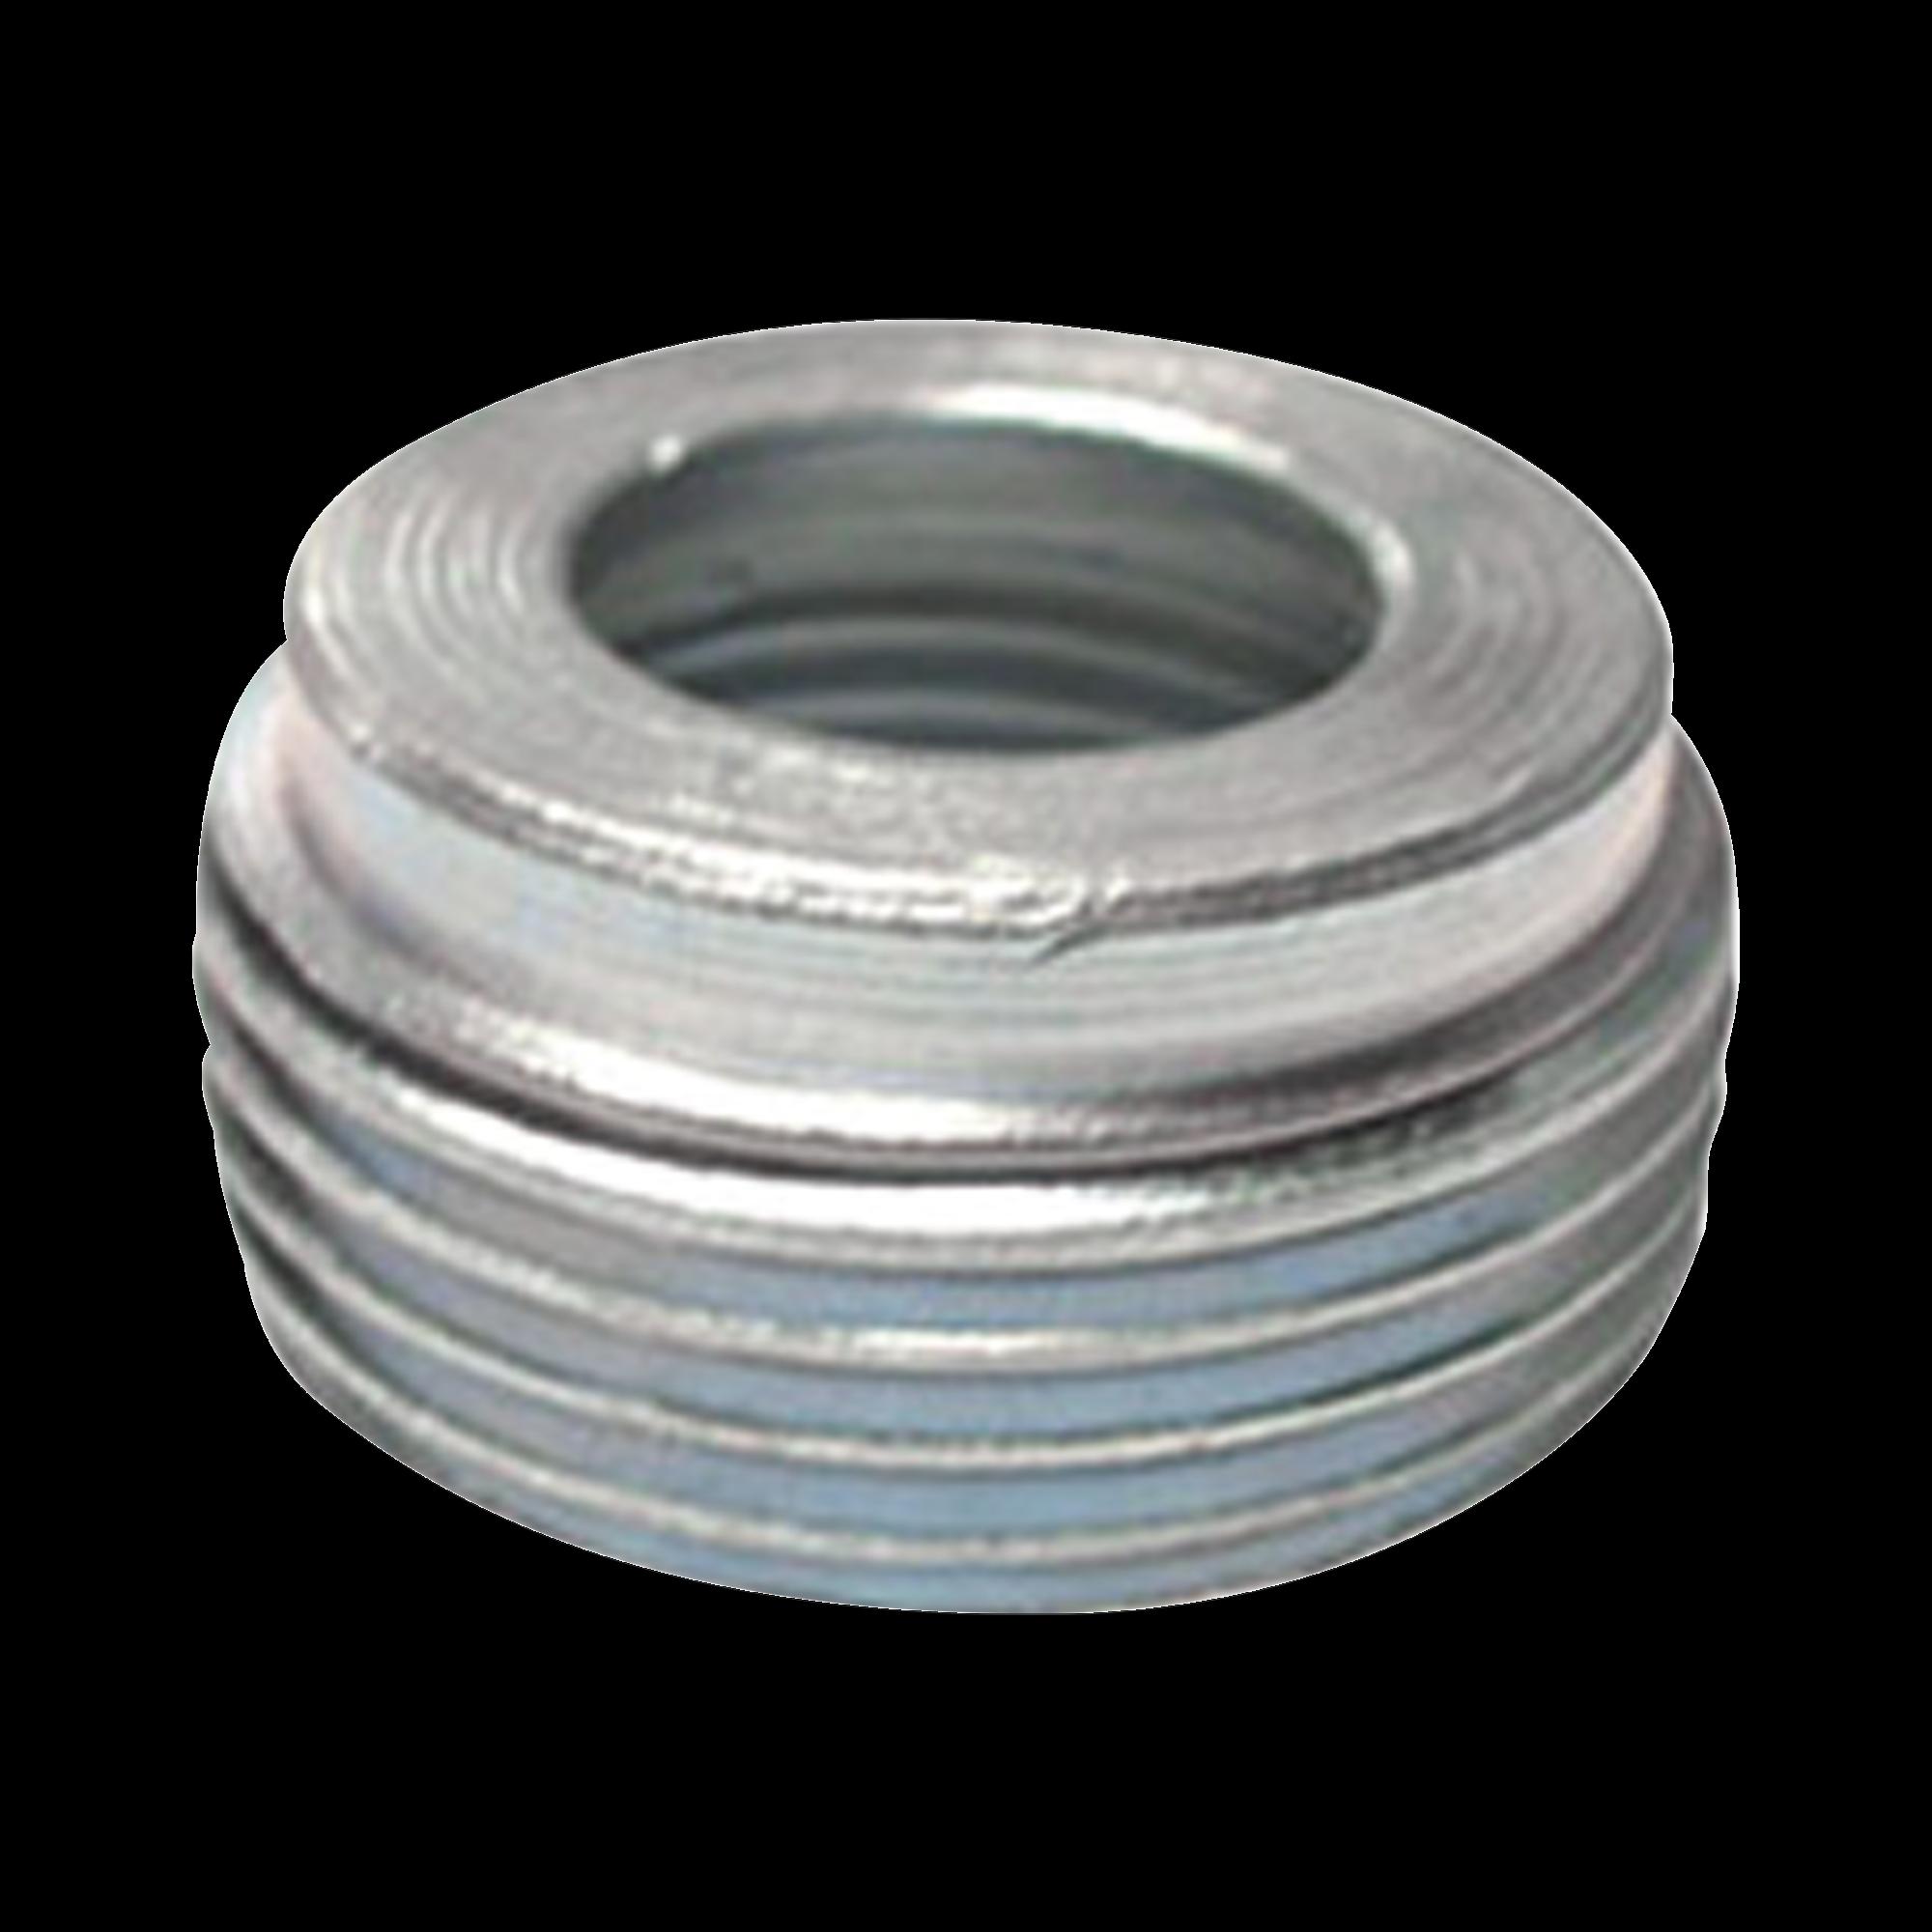 Reduccion aluminio de 50-12 mm  2 - 1 / 2?